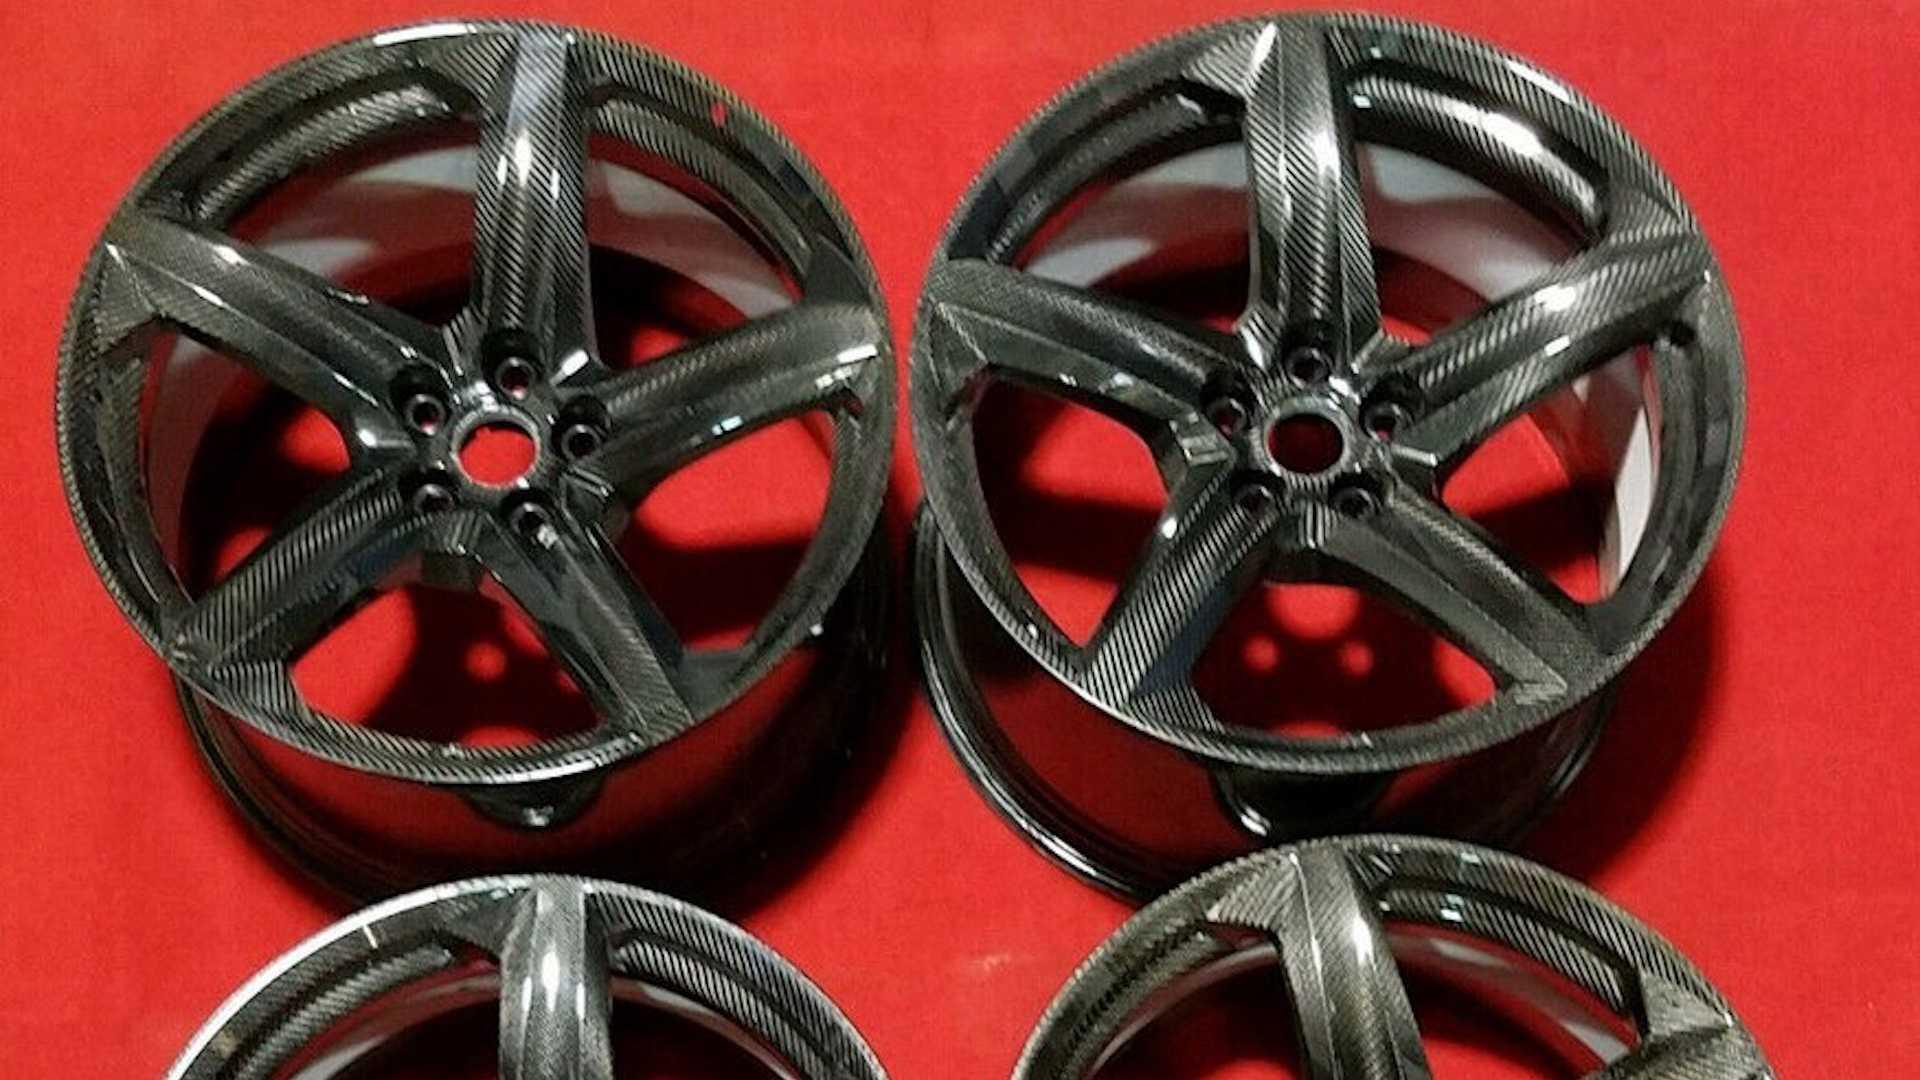 Corvette_C8_Z06_Carbon_Fiber_Wheels_0005